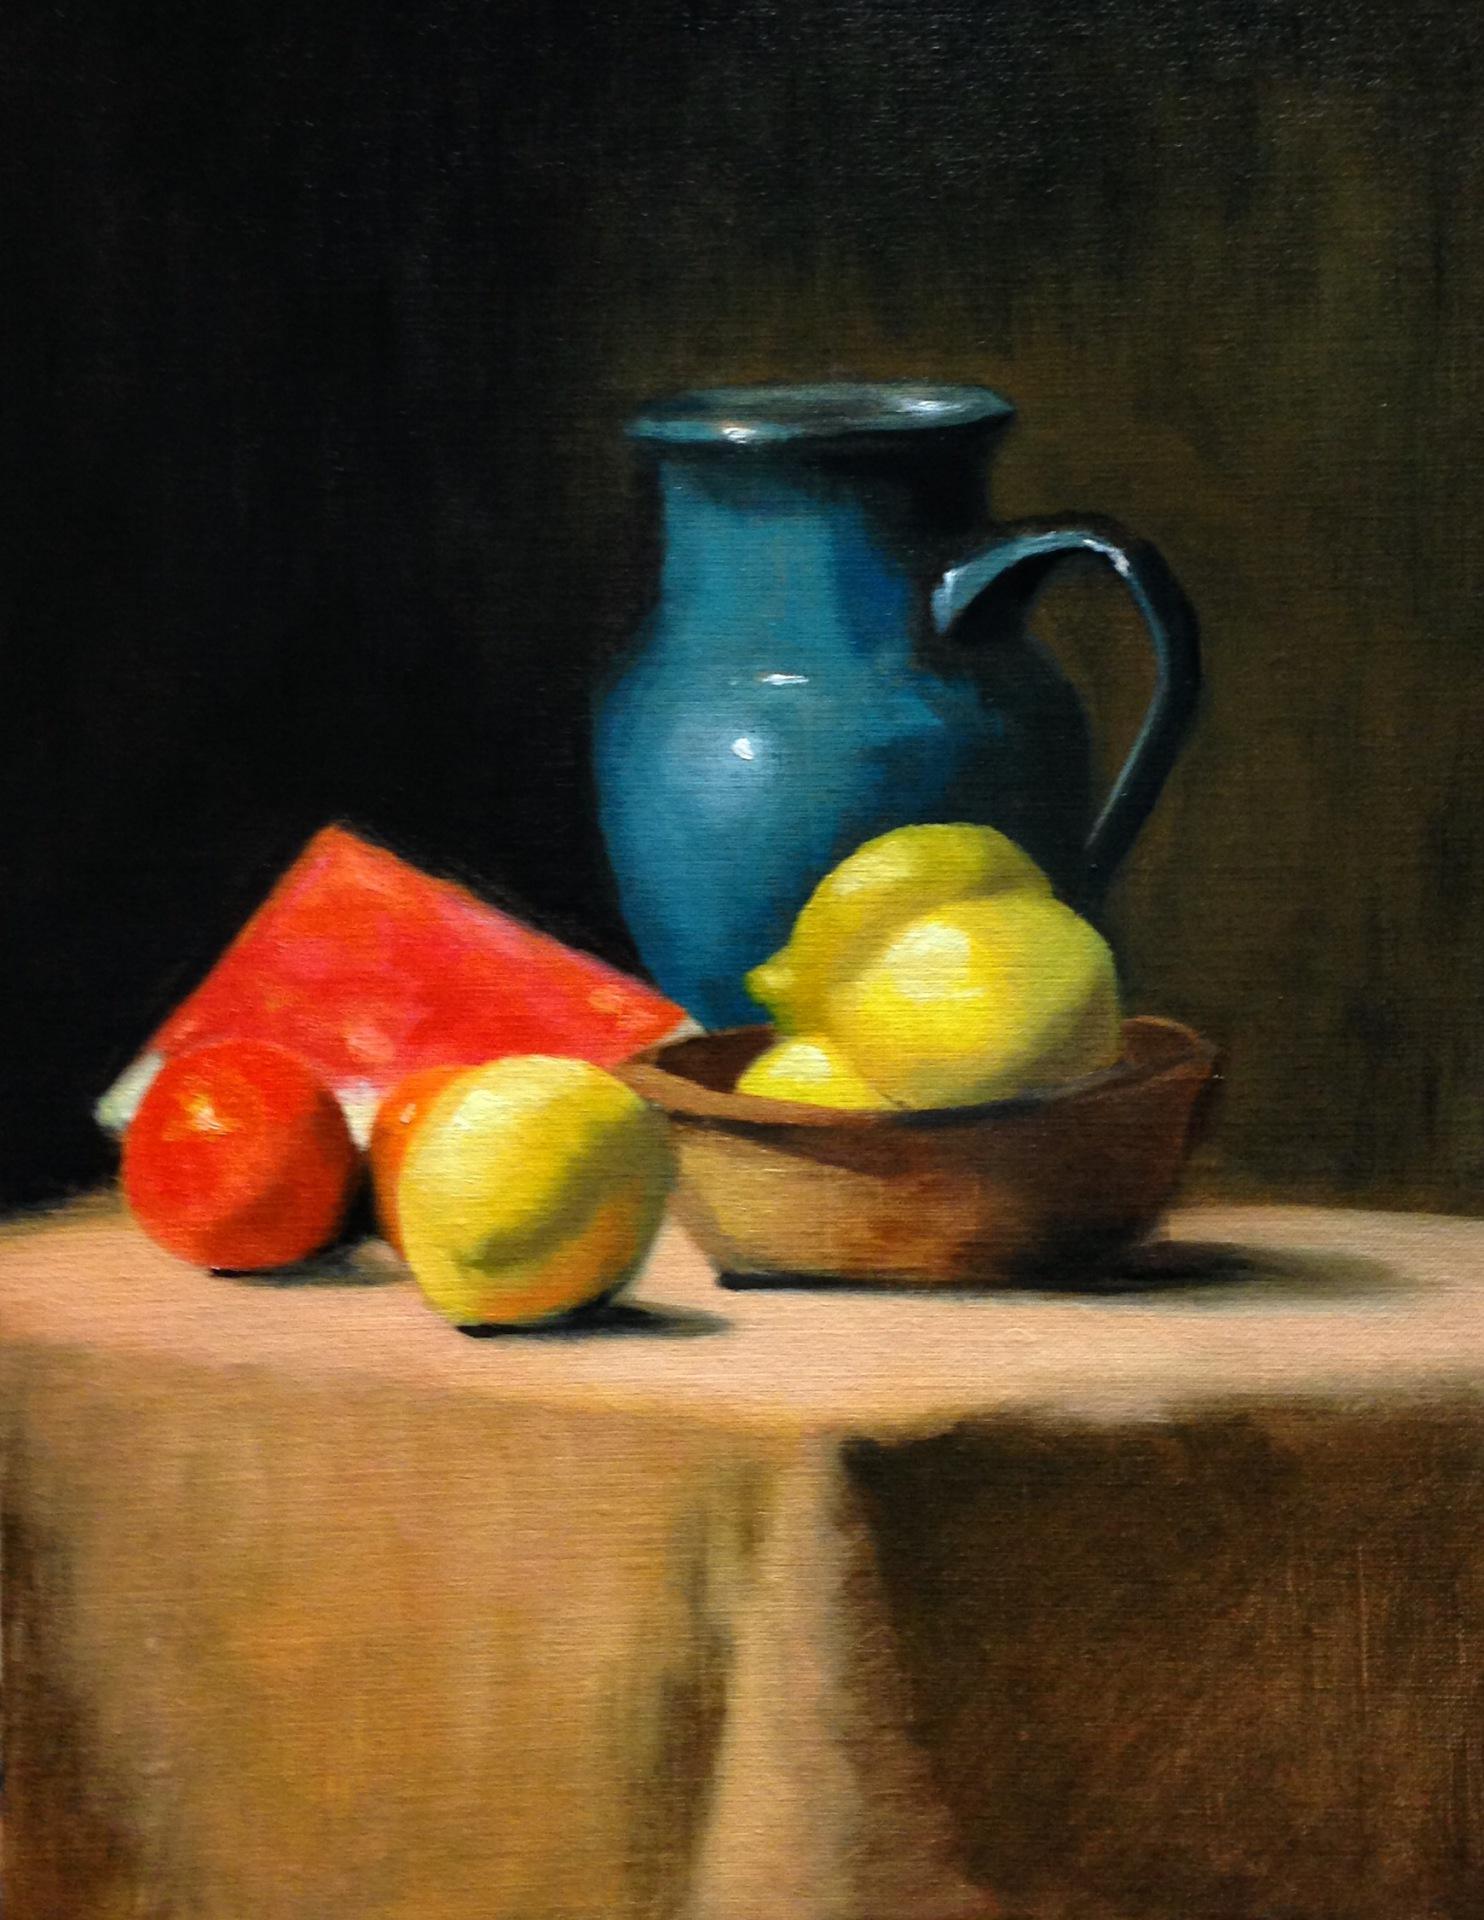 Turquoise Jug and Lemons